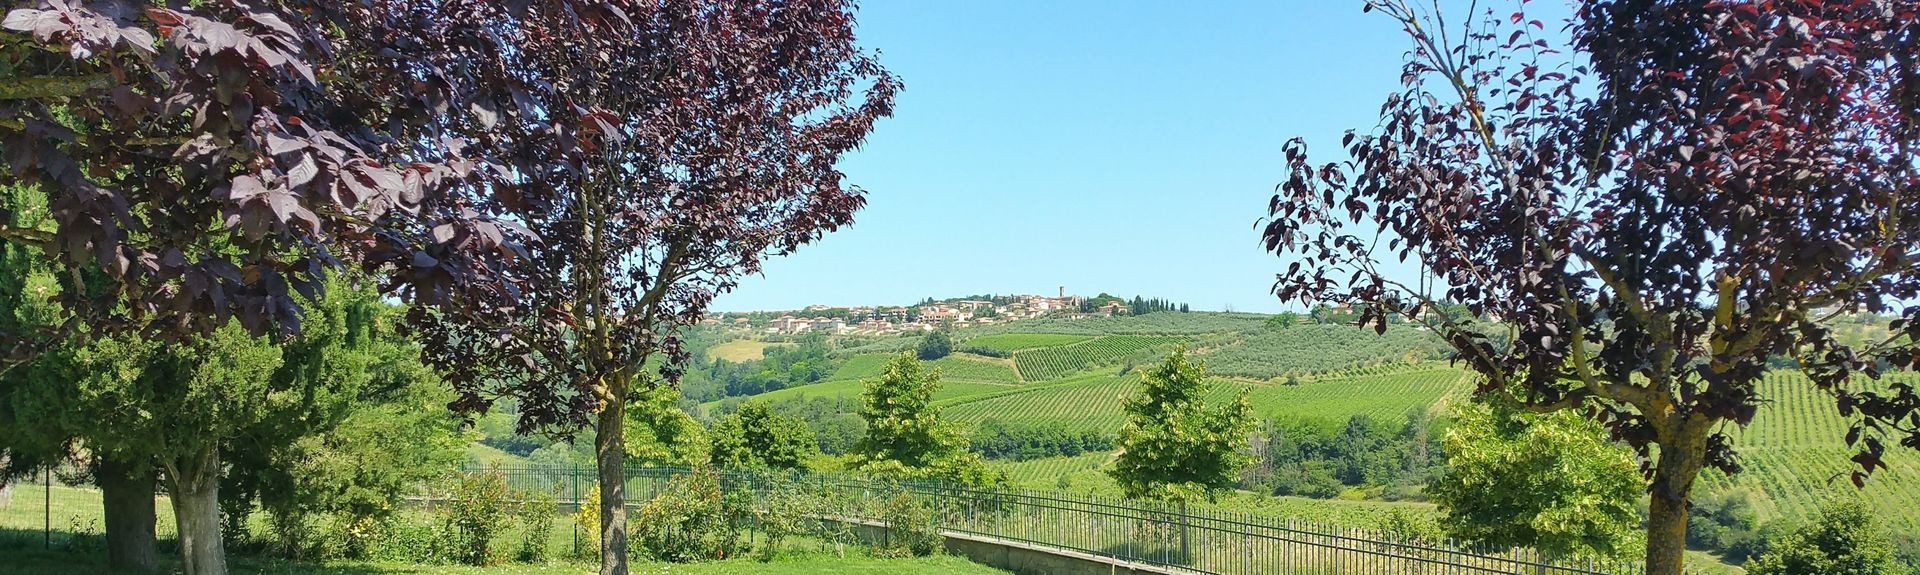 Castellina in Chianti, Toscana, Itália